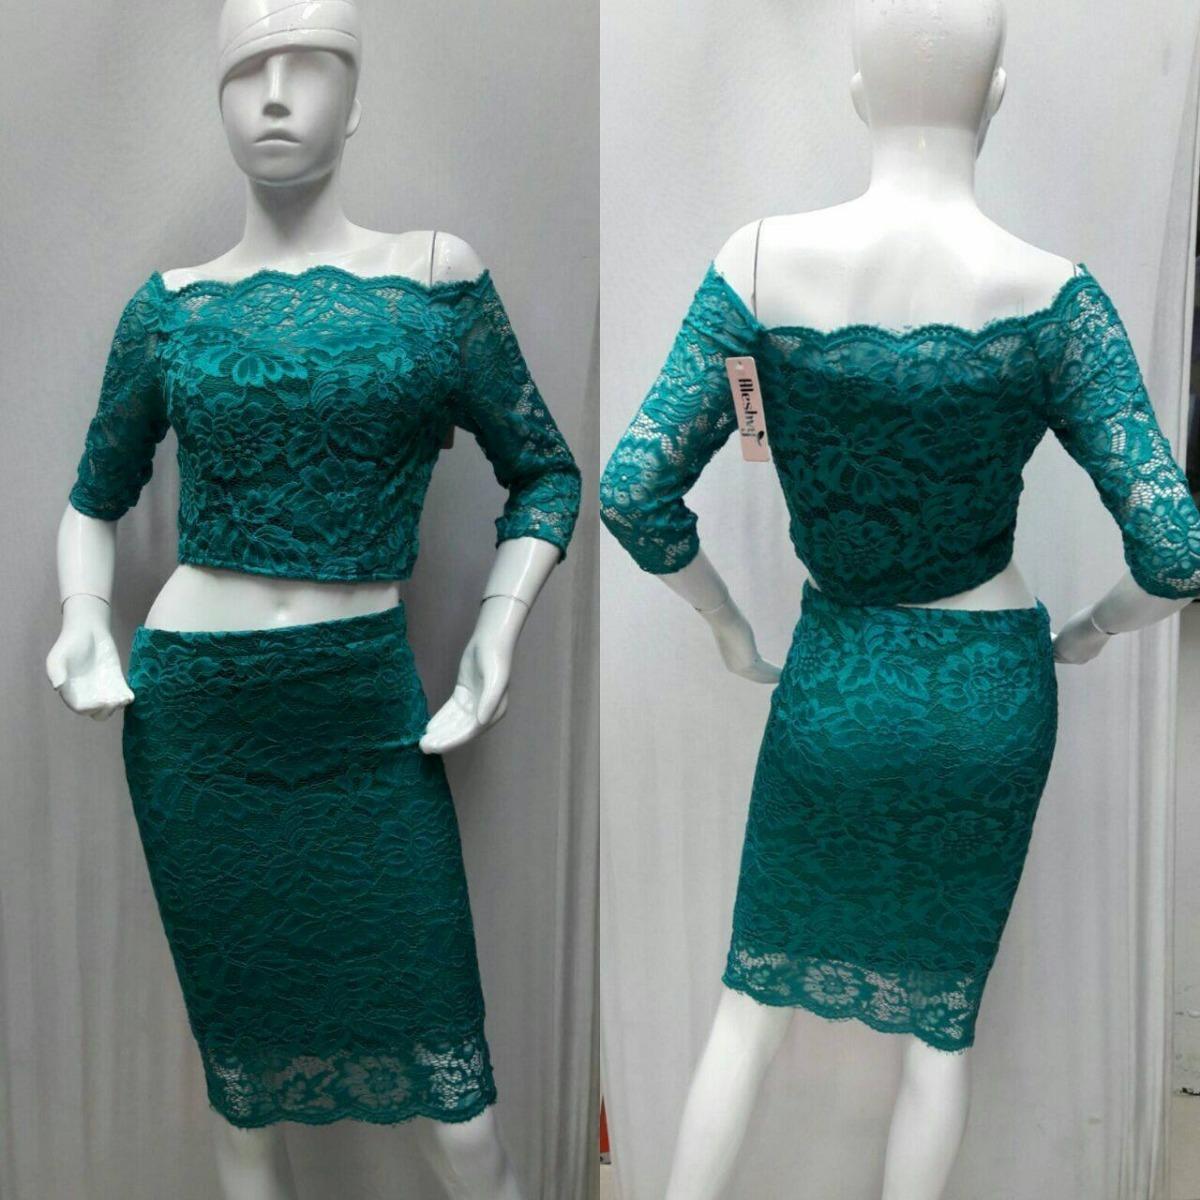 Conjunto Falda Y Blusa Encaje Ajustable -   375.00 en Mercado Libre 457a19aed1d8